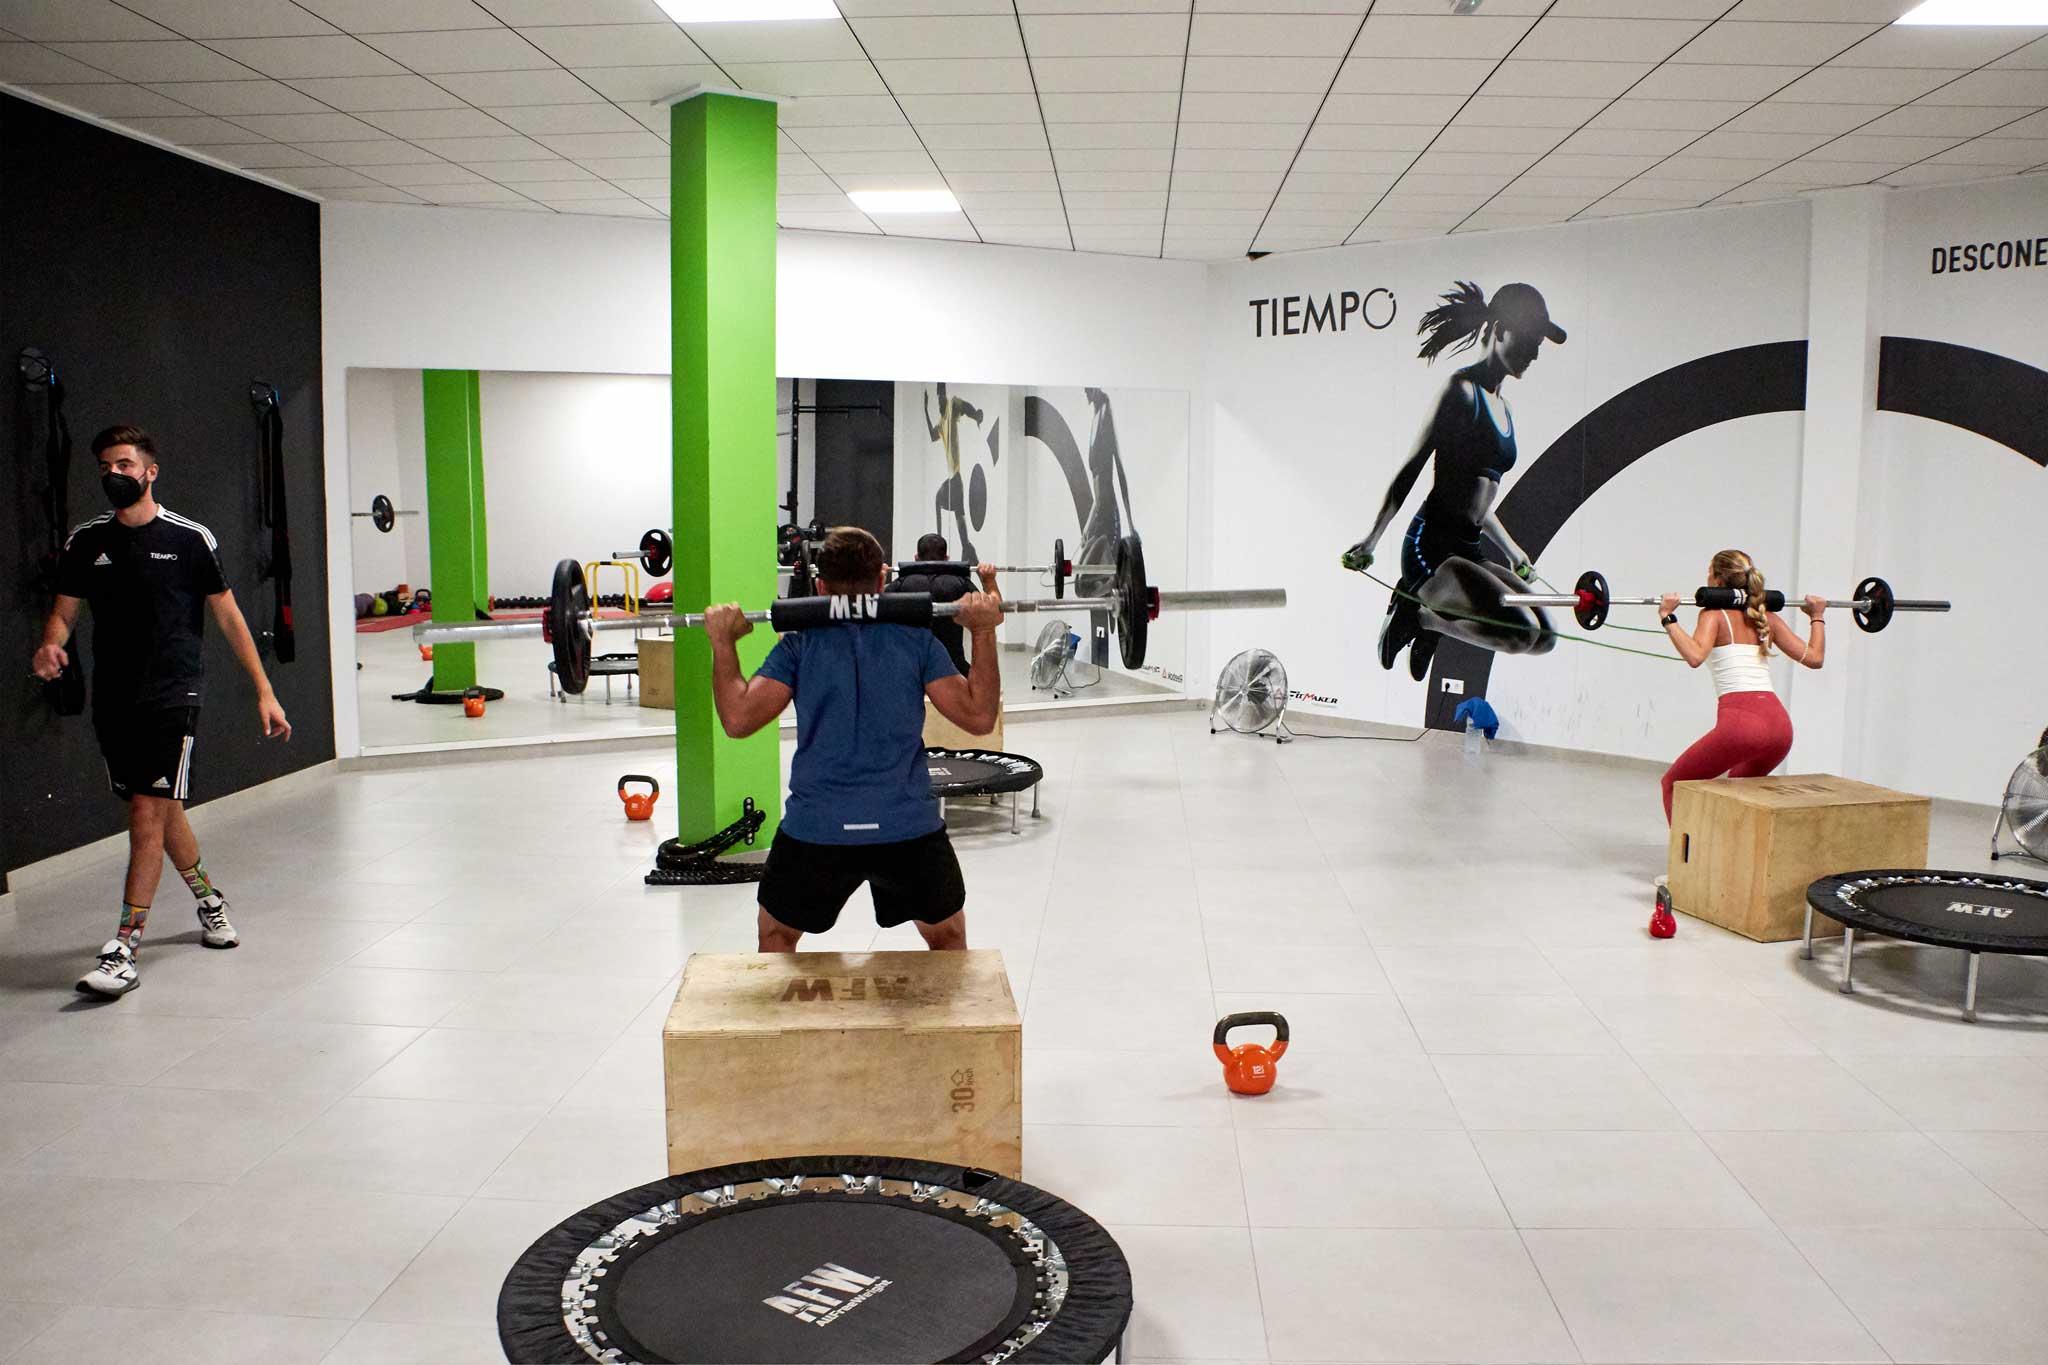 Entrenador personal Javea – Tiempo Personal Training Center